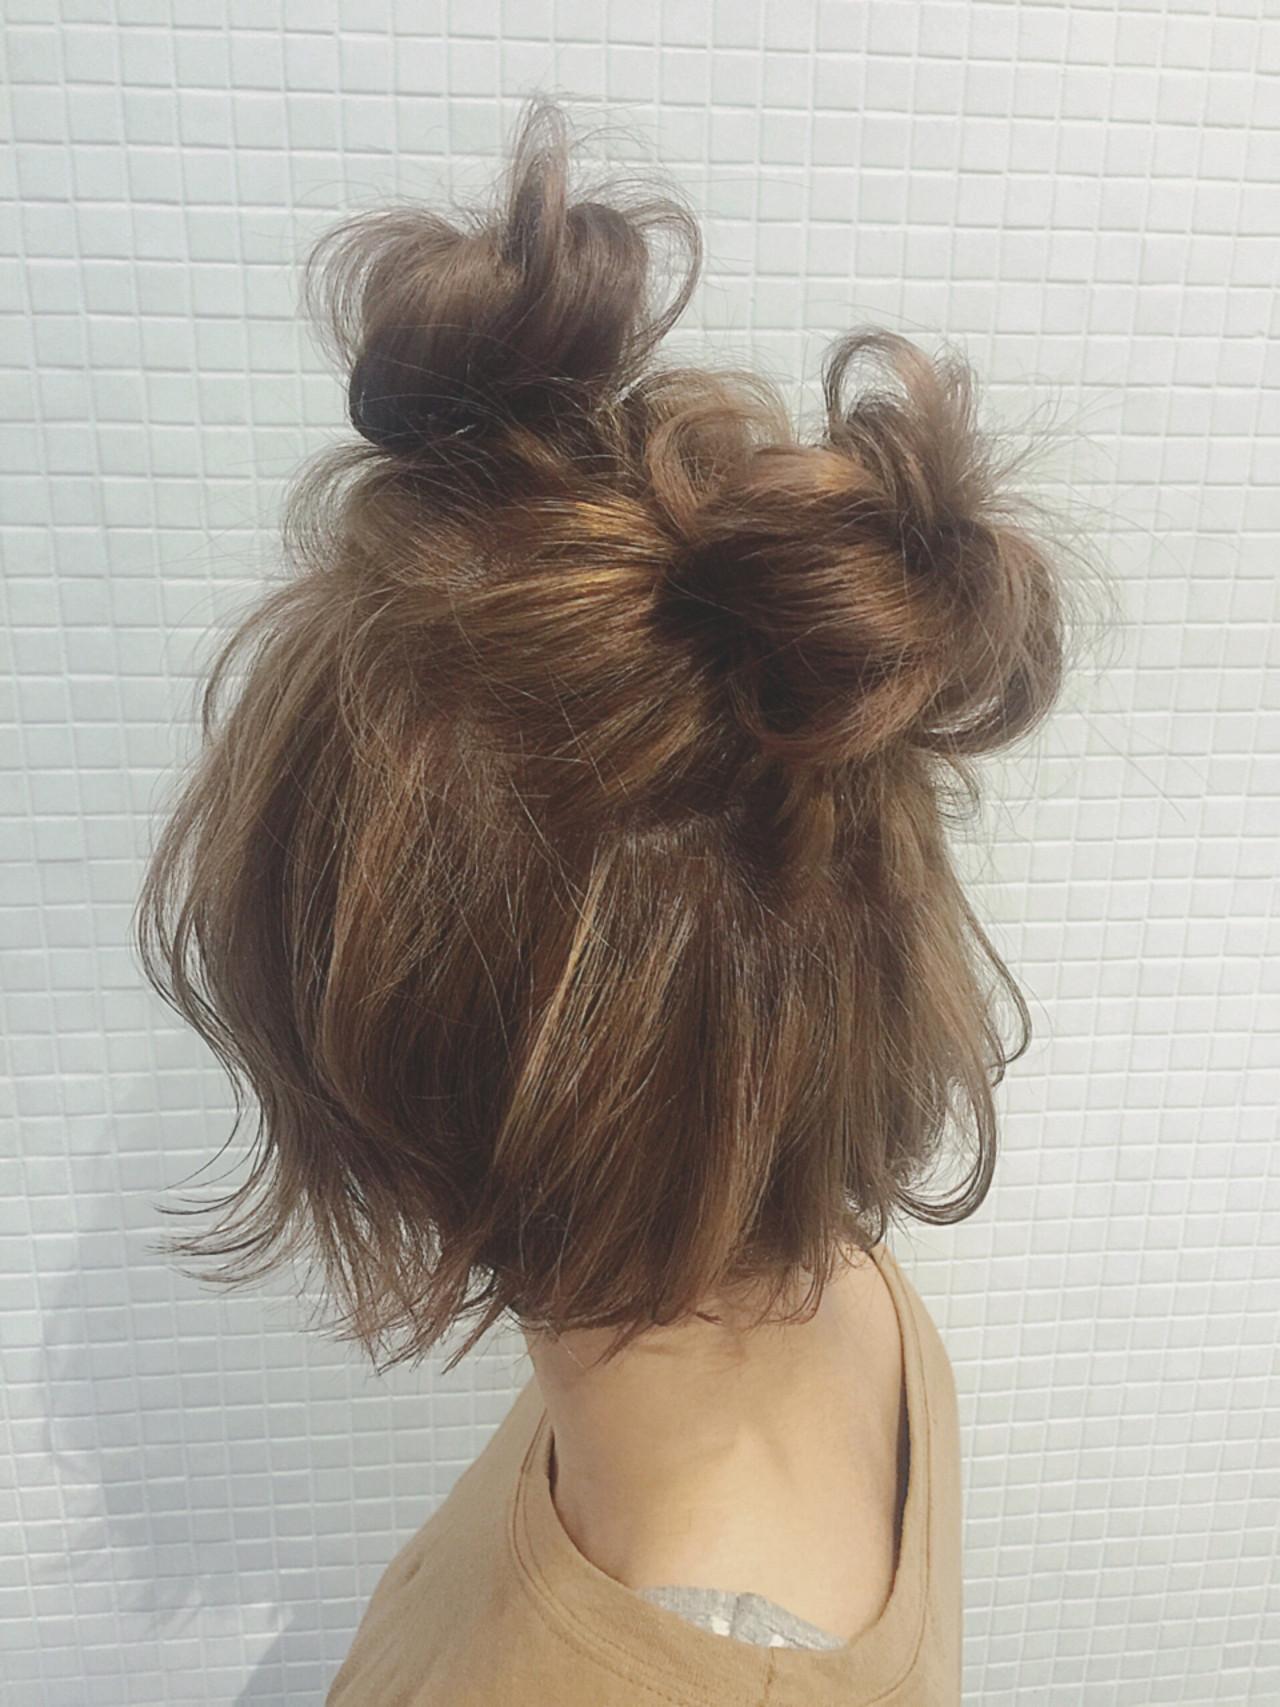 ボブ ショート お団子 簡単ヘアアレンジ ヘアスタイルや髪型の写真・画像